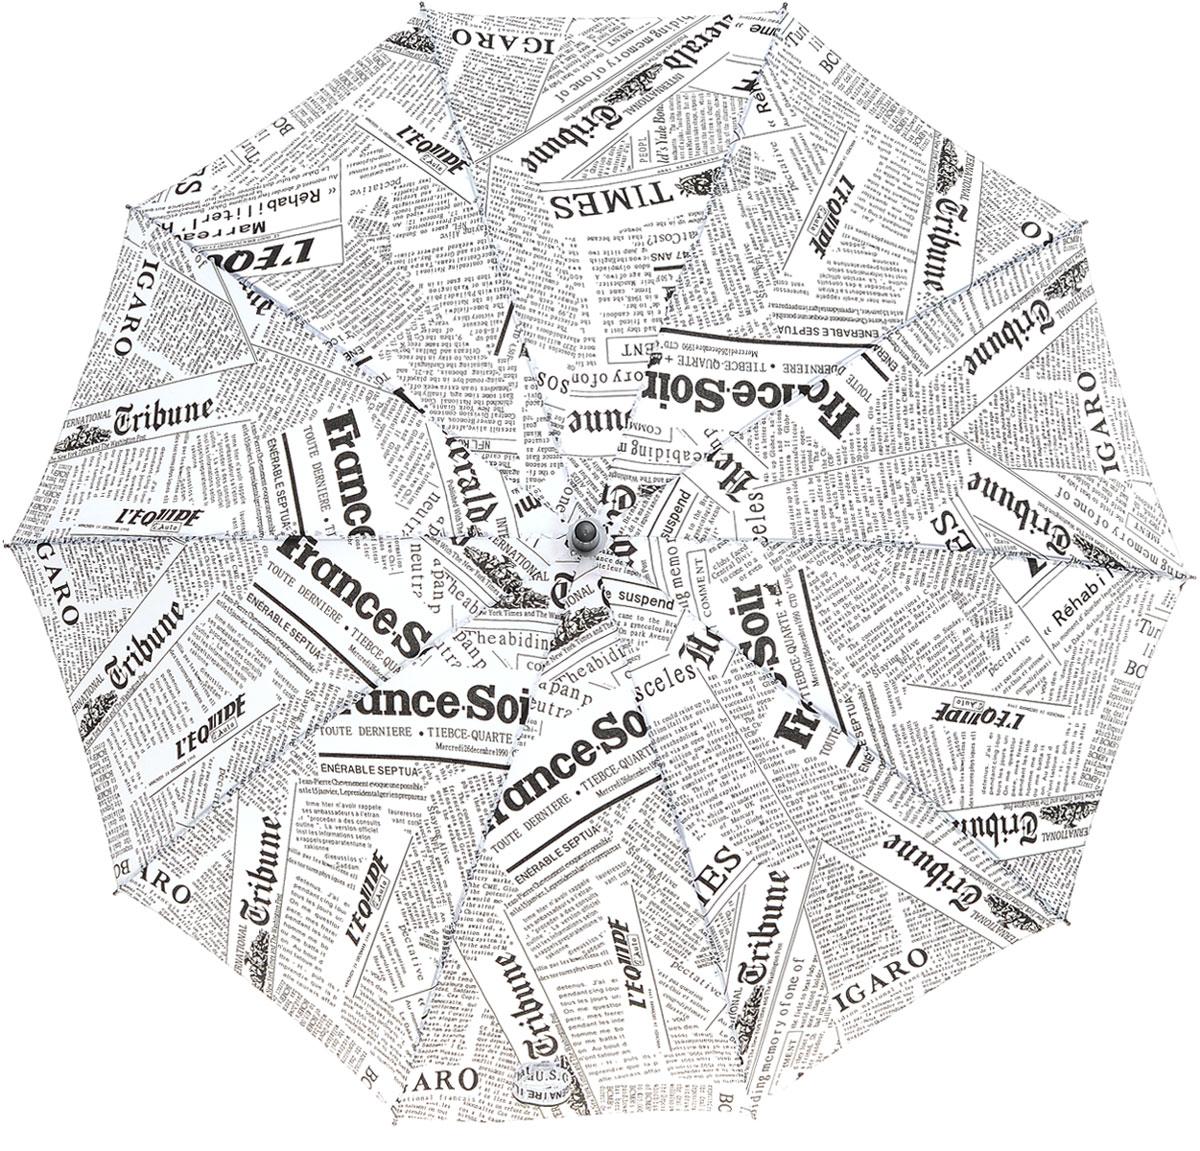 Зонт Эврика, цвет: белый. 96163CX1516-50-10Большой полуавтоматический зонт-трость – это стильный аксессуар, подходящий как дамам, так и джентльменам. Качественный материал купола с влагоотталкивающей пропиткой спасёт от ливня, а крепкие спицы не поддадутся упрямому ветру.Купол зонта выполнен из нейлона, стержень из металла, а ручка из пластика Упаковка: Слюдяной пакет